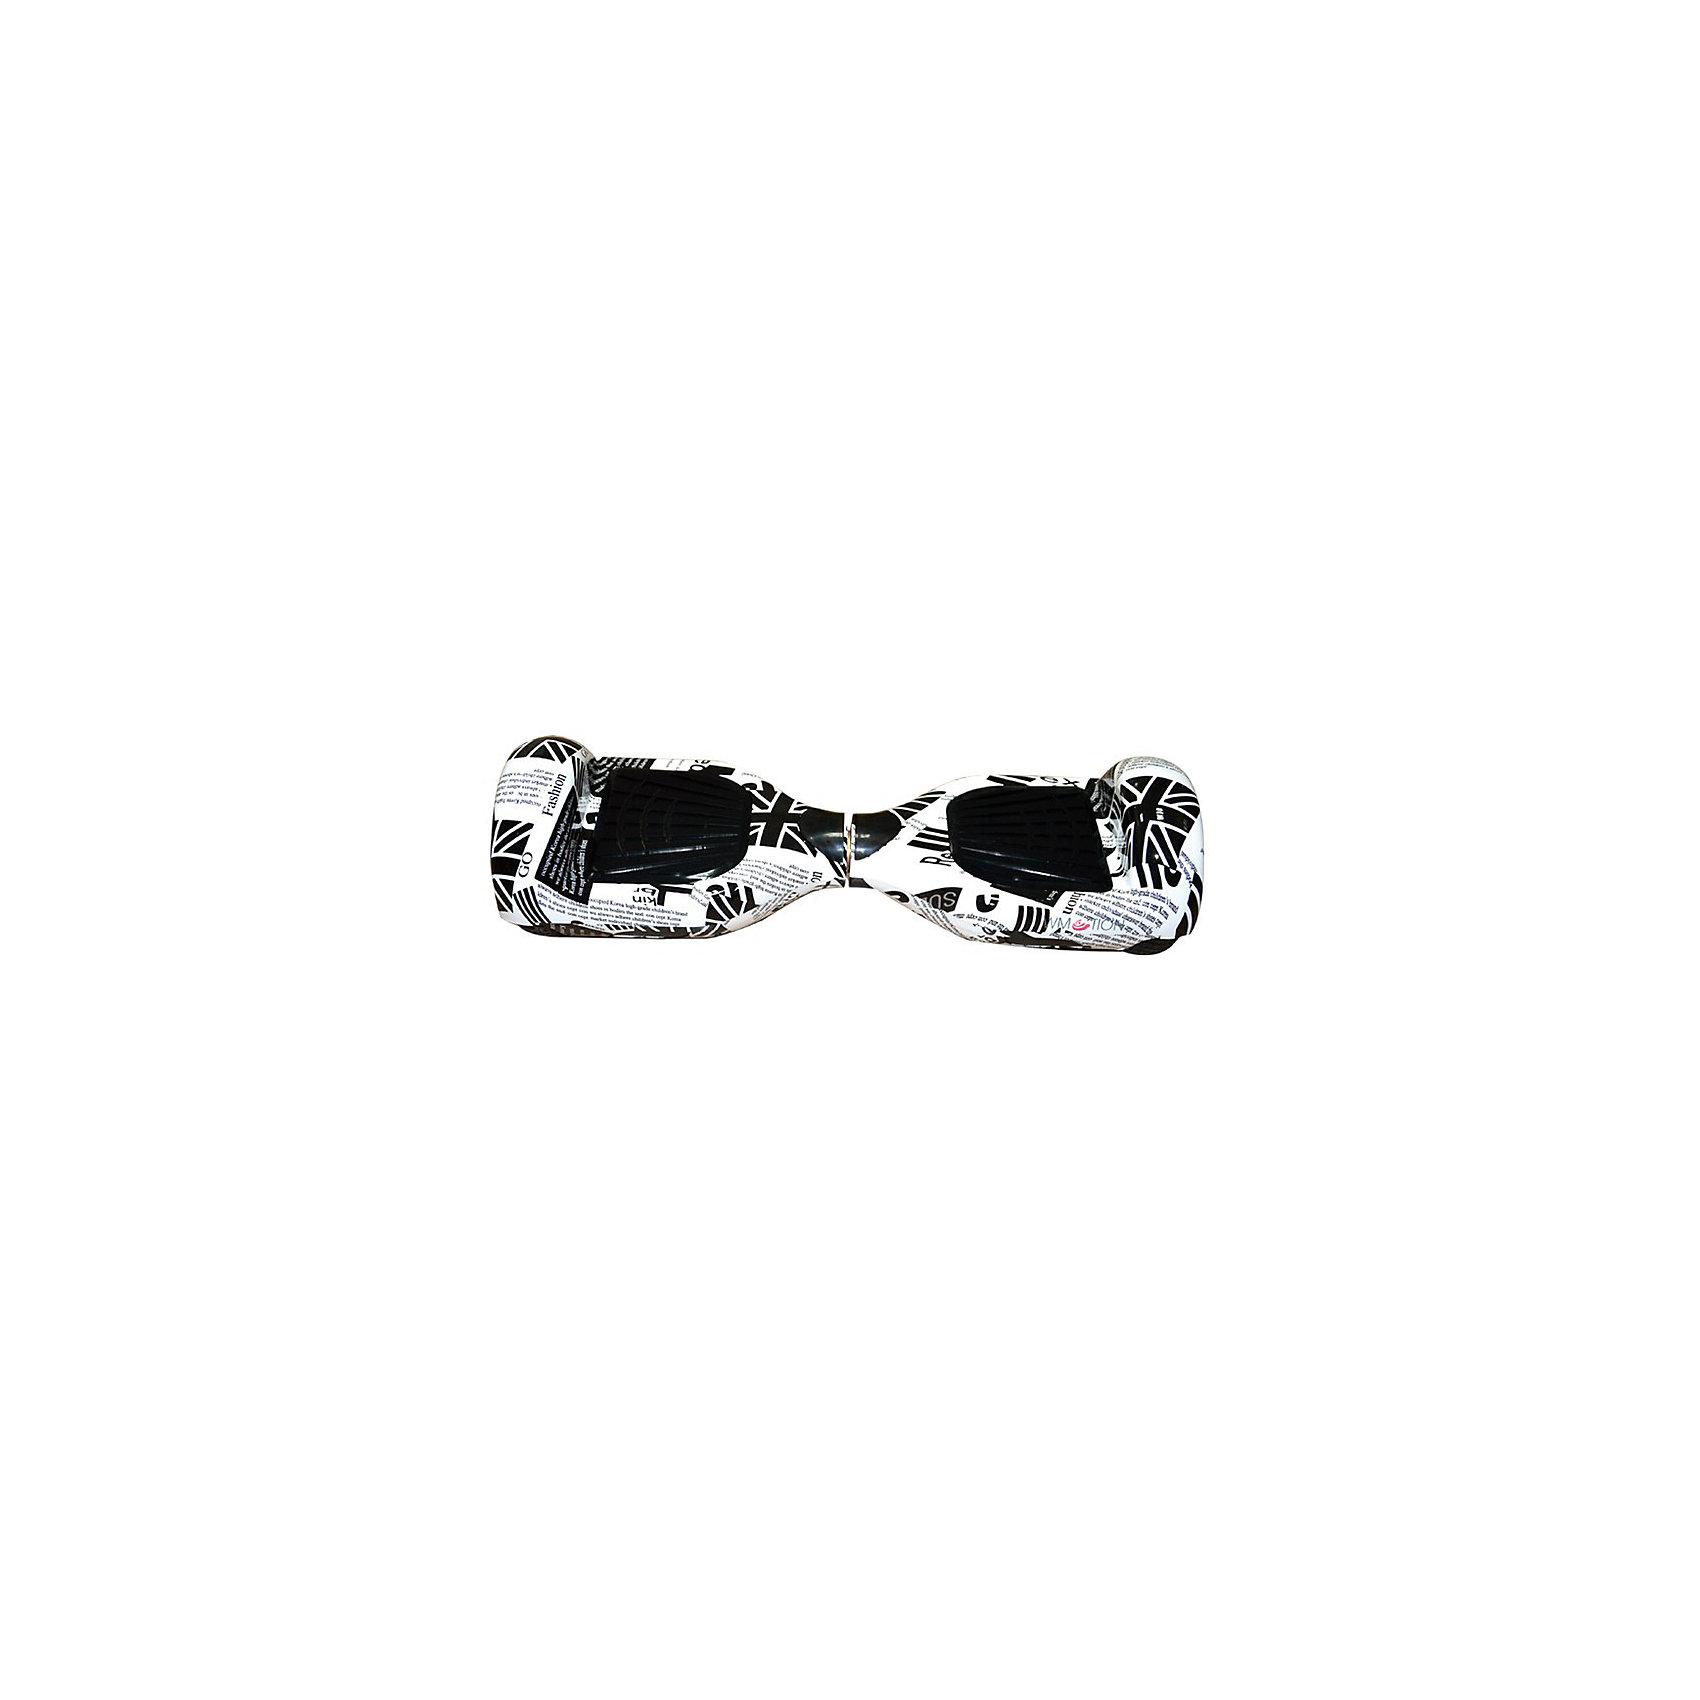 Гироскутер, флаг, WMOTIONХарактеристики товара:<br><br>• материал: пластик, металл<br>• размер: 16х58х17 см<br>• комплектация: гироскутер, зарядка, сумка, инструкция по эксплуатации, гарантийный талон, коробка<br>• цвет: черный, белый<br>• диаметр колёс: 6,5 дюймов<br>• максимальная нагрузка: 100 кг<br>• максимальная скорость – 10 км/ч <br>• максимальное расстояние, которое можно проехать на одном заряде: 20 км <br>• мощность электродвигателя: 0.35 кВт<br>• ёмкость аккумулятора: 4 400 мАч<br>• время, необходимое для полной зарядки аккумулятора: 90 мин<br>• стильный дизайн<br>• вес: 10 кг<br>• страна производитель: Китай<br>• страна бренда: Китай<br><br>Один из самых модных на настоящий моментов вид передвижения - это гироскутер. Он эффектно выглядит, позволяет ехать со скоростью выше, чем у пешеходов, но при этом достаточно безопасной для владельца. Управлять таким средством передвижения достаточно просто: нужно всего лишь переносить вес тела в определенное направление.<br><br>Такой гироскутер достаточно быстро заряжается, он не много весит. Модель уже пользуется популярностью в западных странах. Она действительно стильно выглядит, особенно в темноте с подсветкой, и позволяет выполнять эффектные трюки!<br><br>Гироскутер, флаг, от популярного бренда WMOTION можно купить в нашем интернет-магазине.<br><br>Ширина мм: 170<br>Глубина мм: 170<br>Высота мм: 580<br>Вес г: 10000<br>Возраст от месяцев: 60<br>Возраст до месяцев: 192<br>Пол: Унисекс<br>Возраст: Детский<br>SKU: 5482380